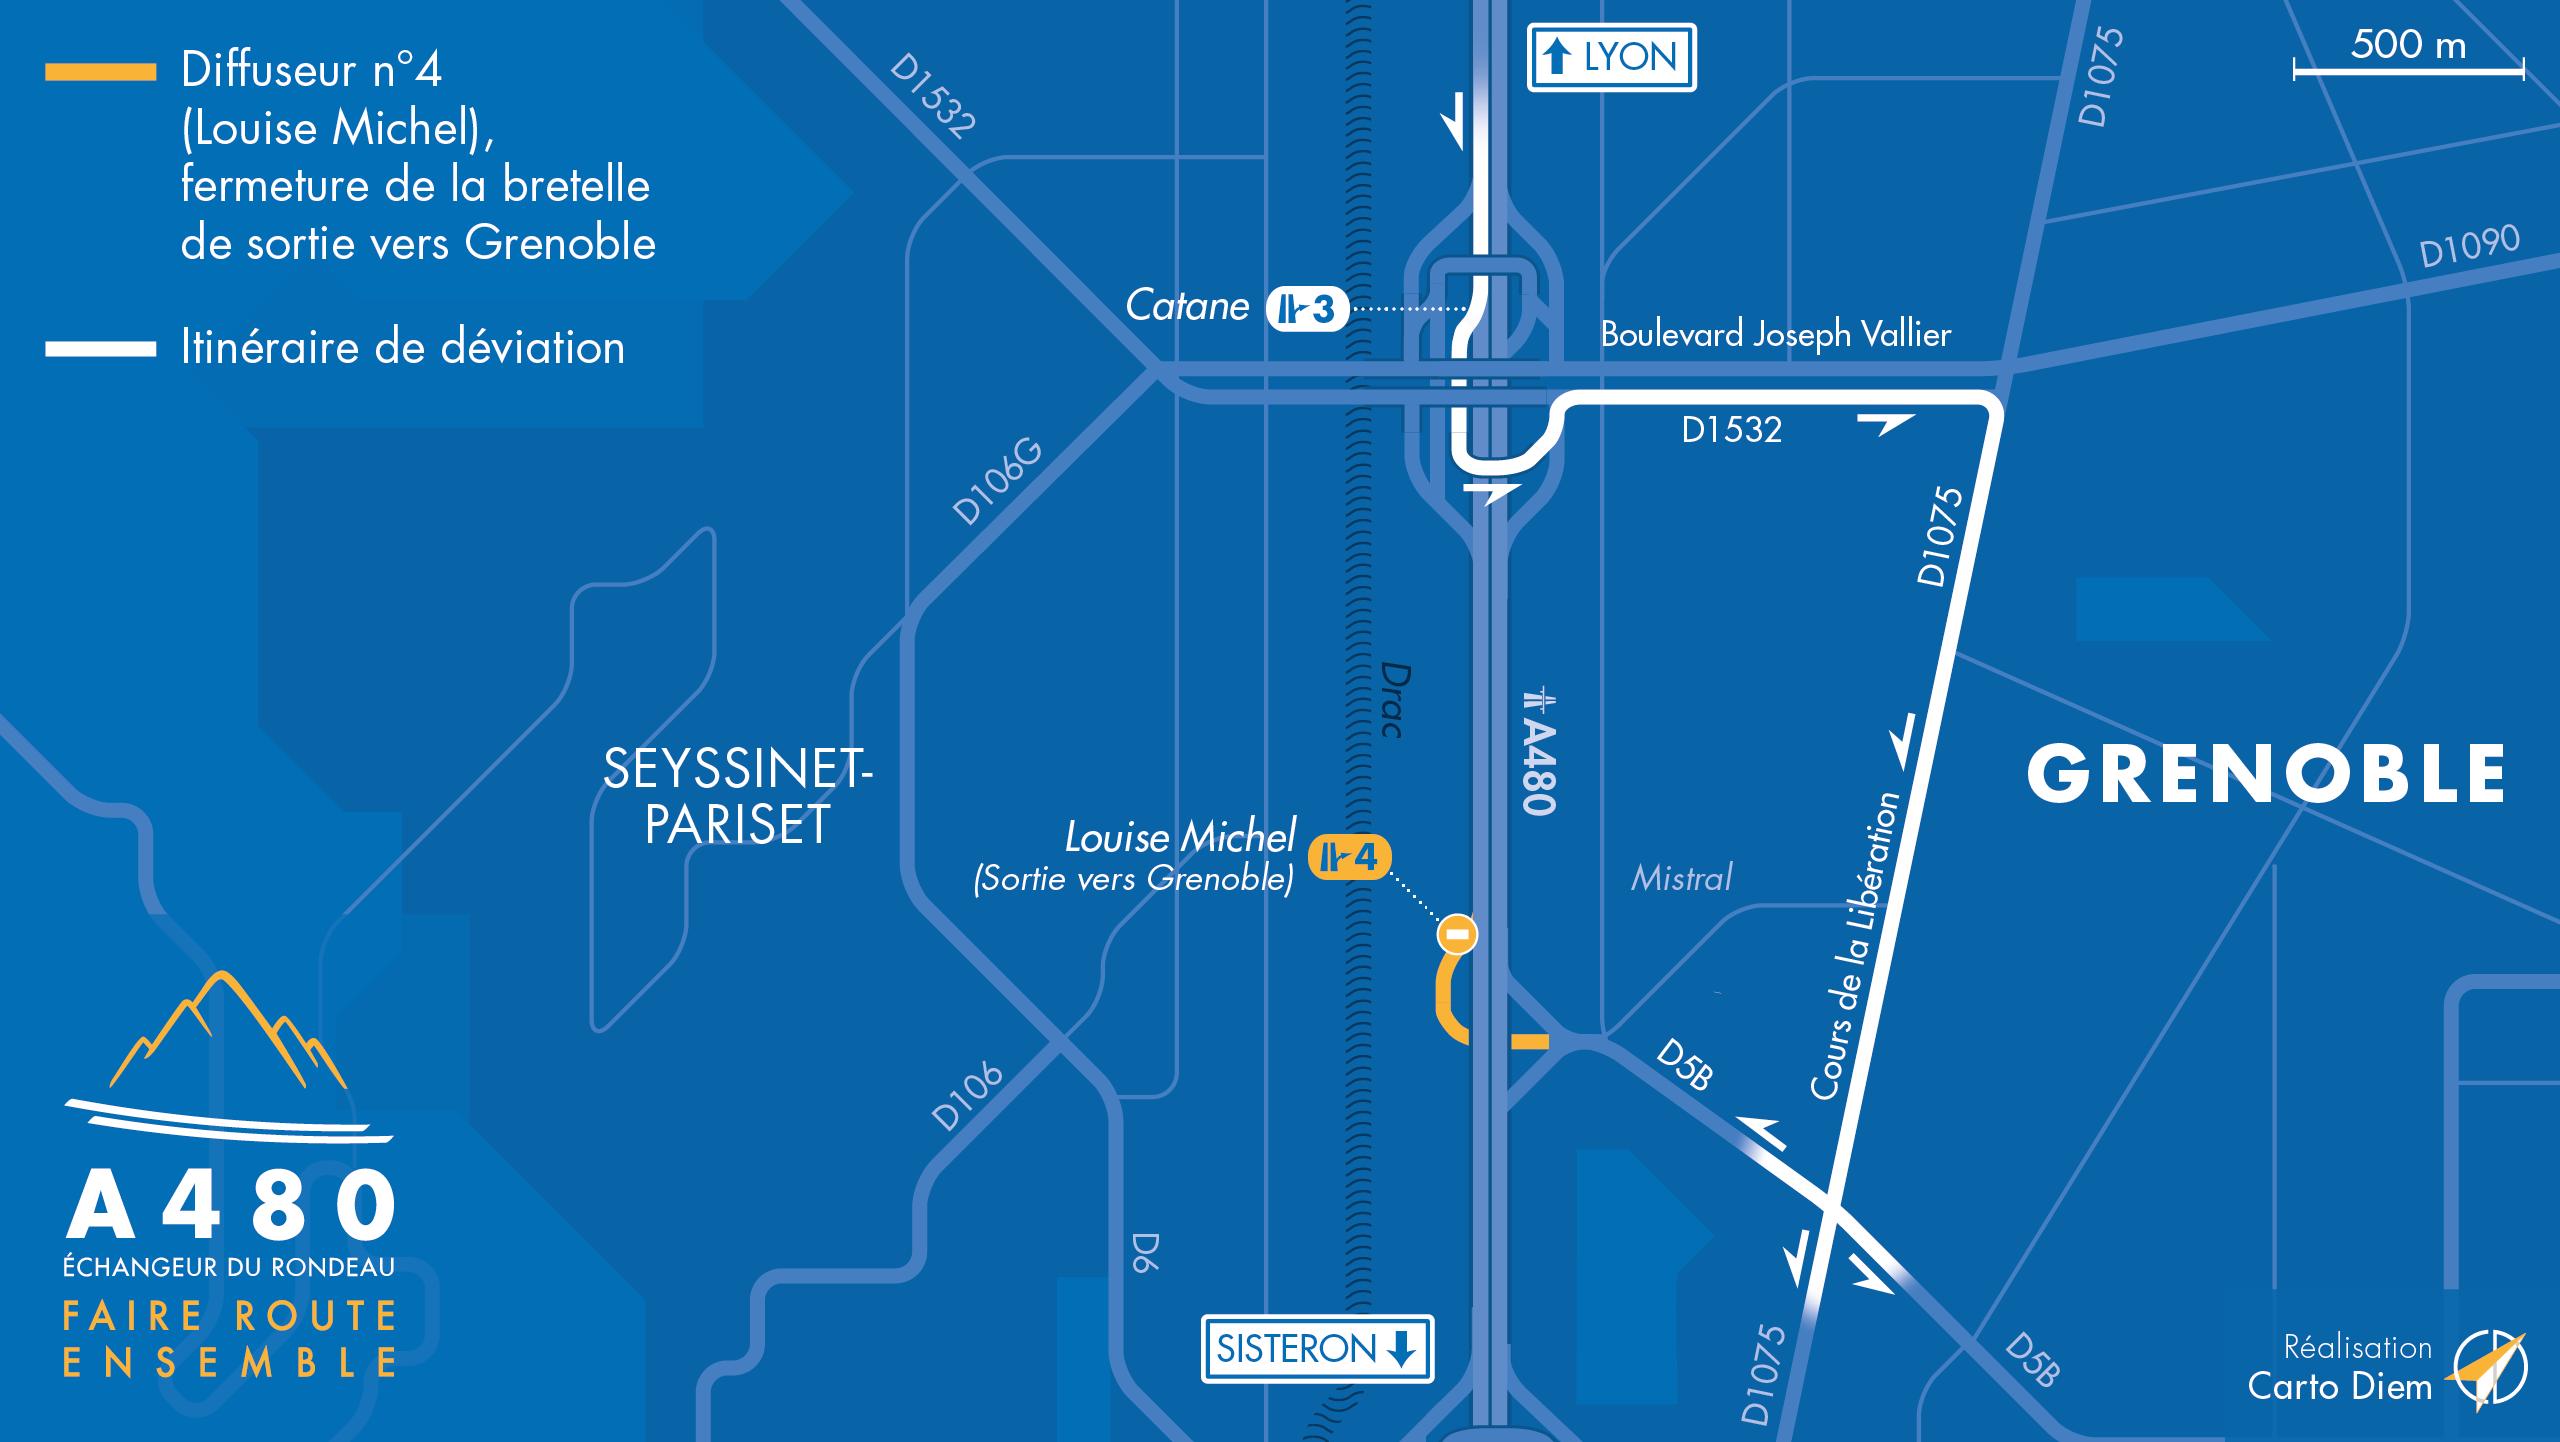 Déviation suite aux travaux sur la bretelle de sortie vers Grenoble depuis Lyon sur l'autoroute A480